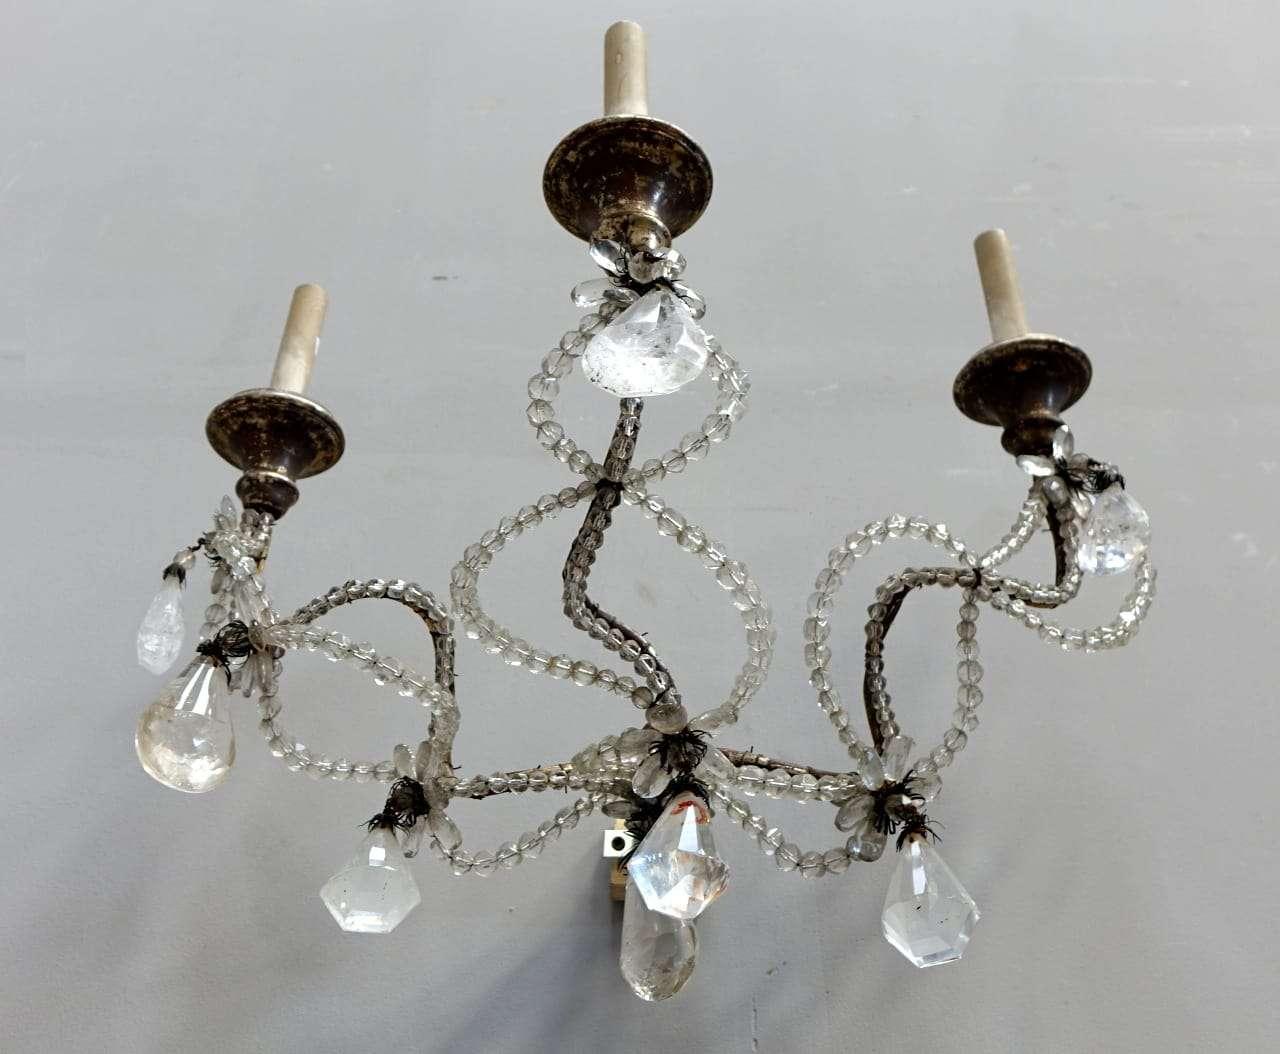 4 appliques in cristallo di rocca 700 dorate a mecca luigi xiv